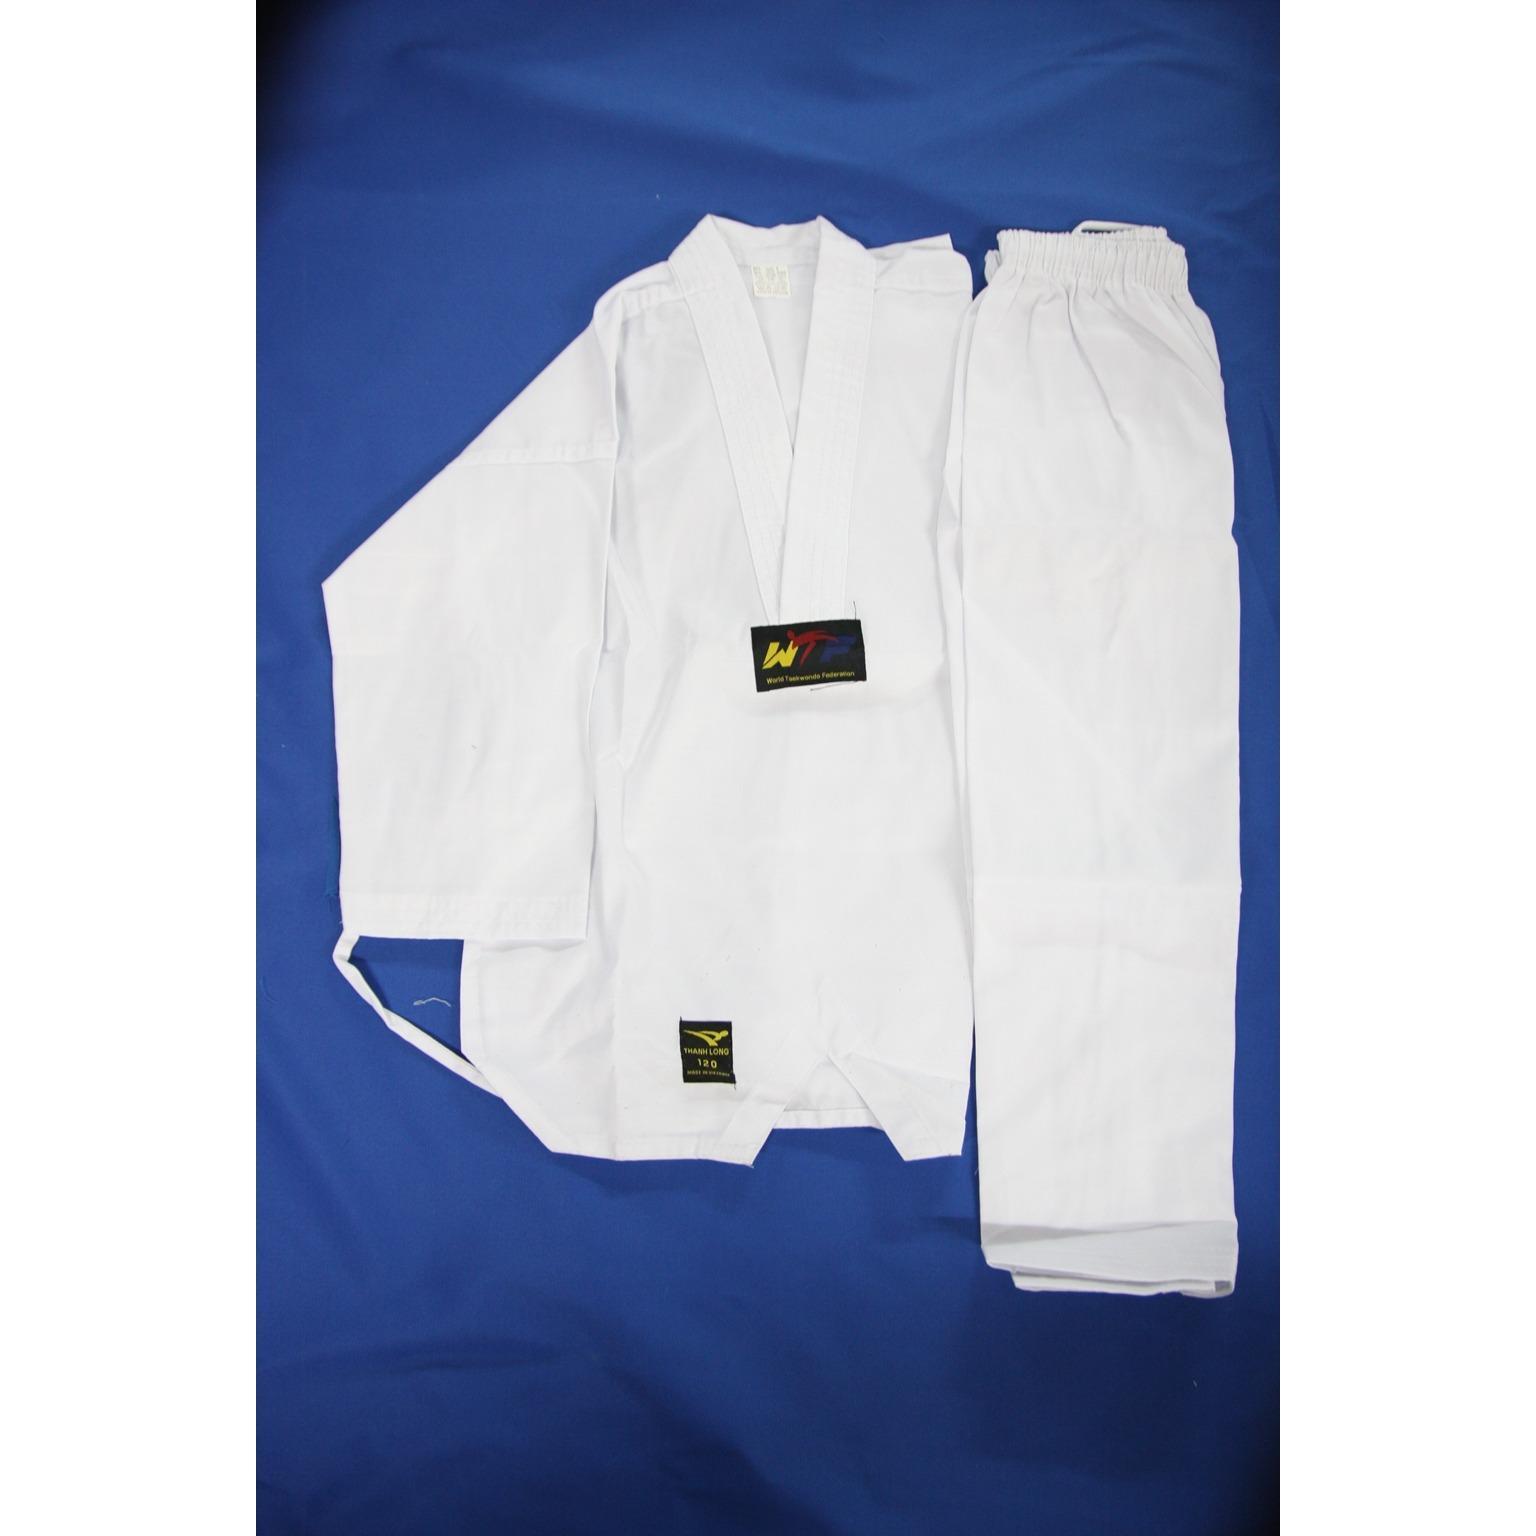 Cửa Hàng Vo Phục Taekwondo Vải Phong Trao Đủ Size Từ 100 170Cm Oem Trực Tuyến